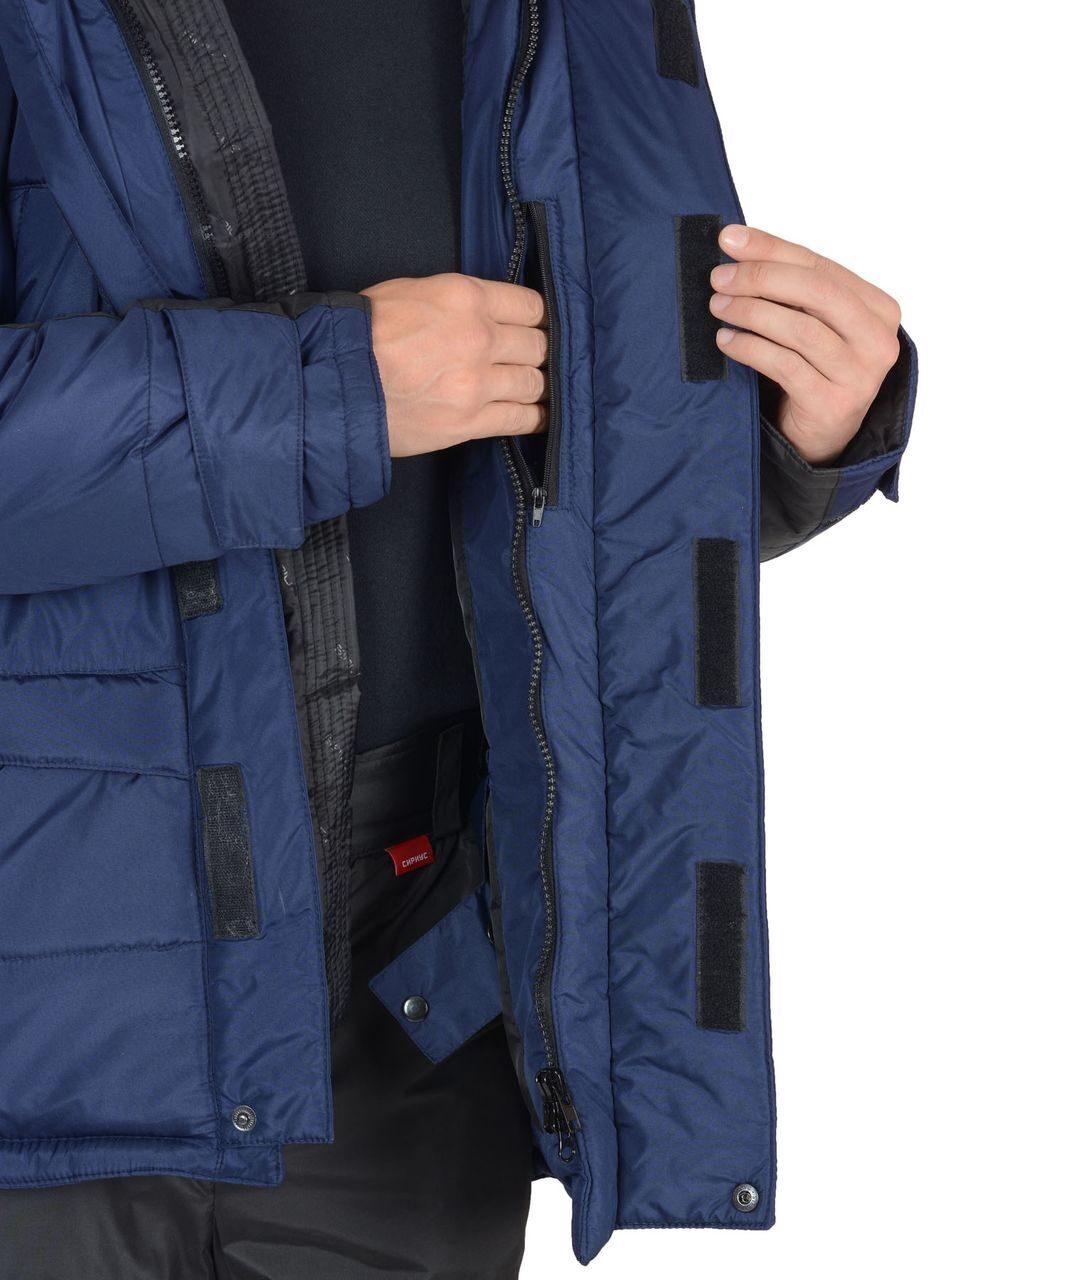 Куртки И Брюки Зимние С Доставкой